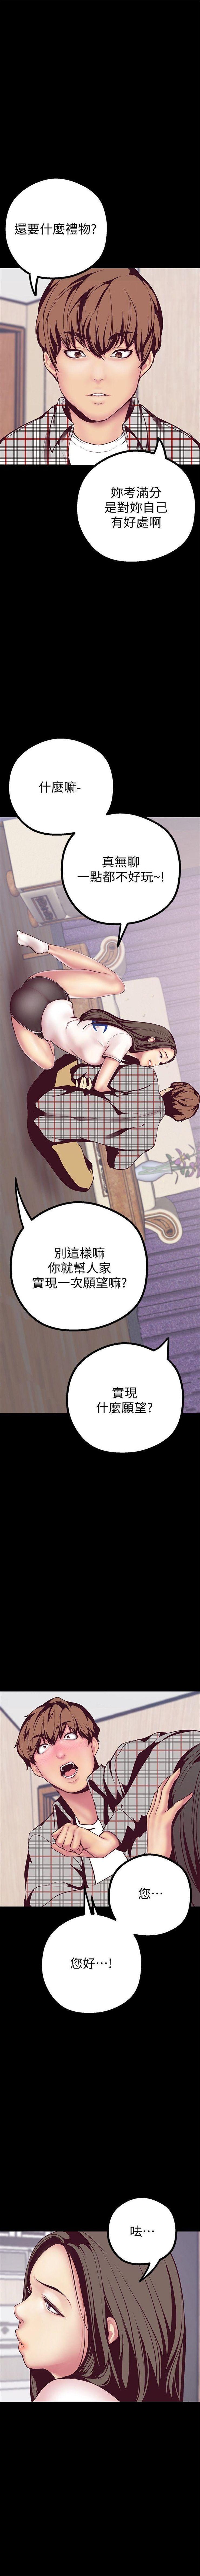 美麗新世界 1-85 官方中文(連載中) 76